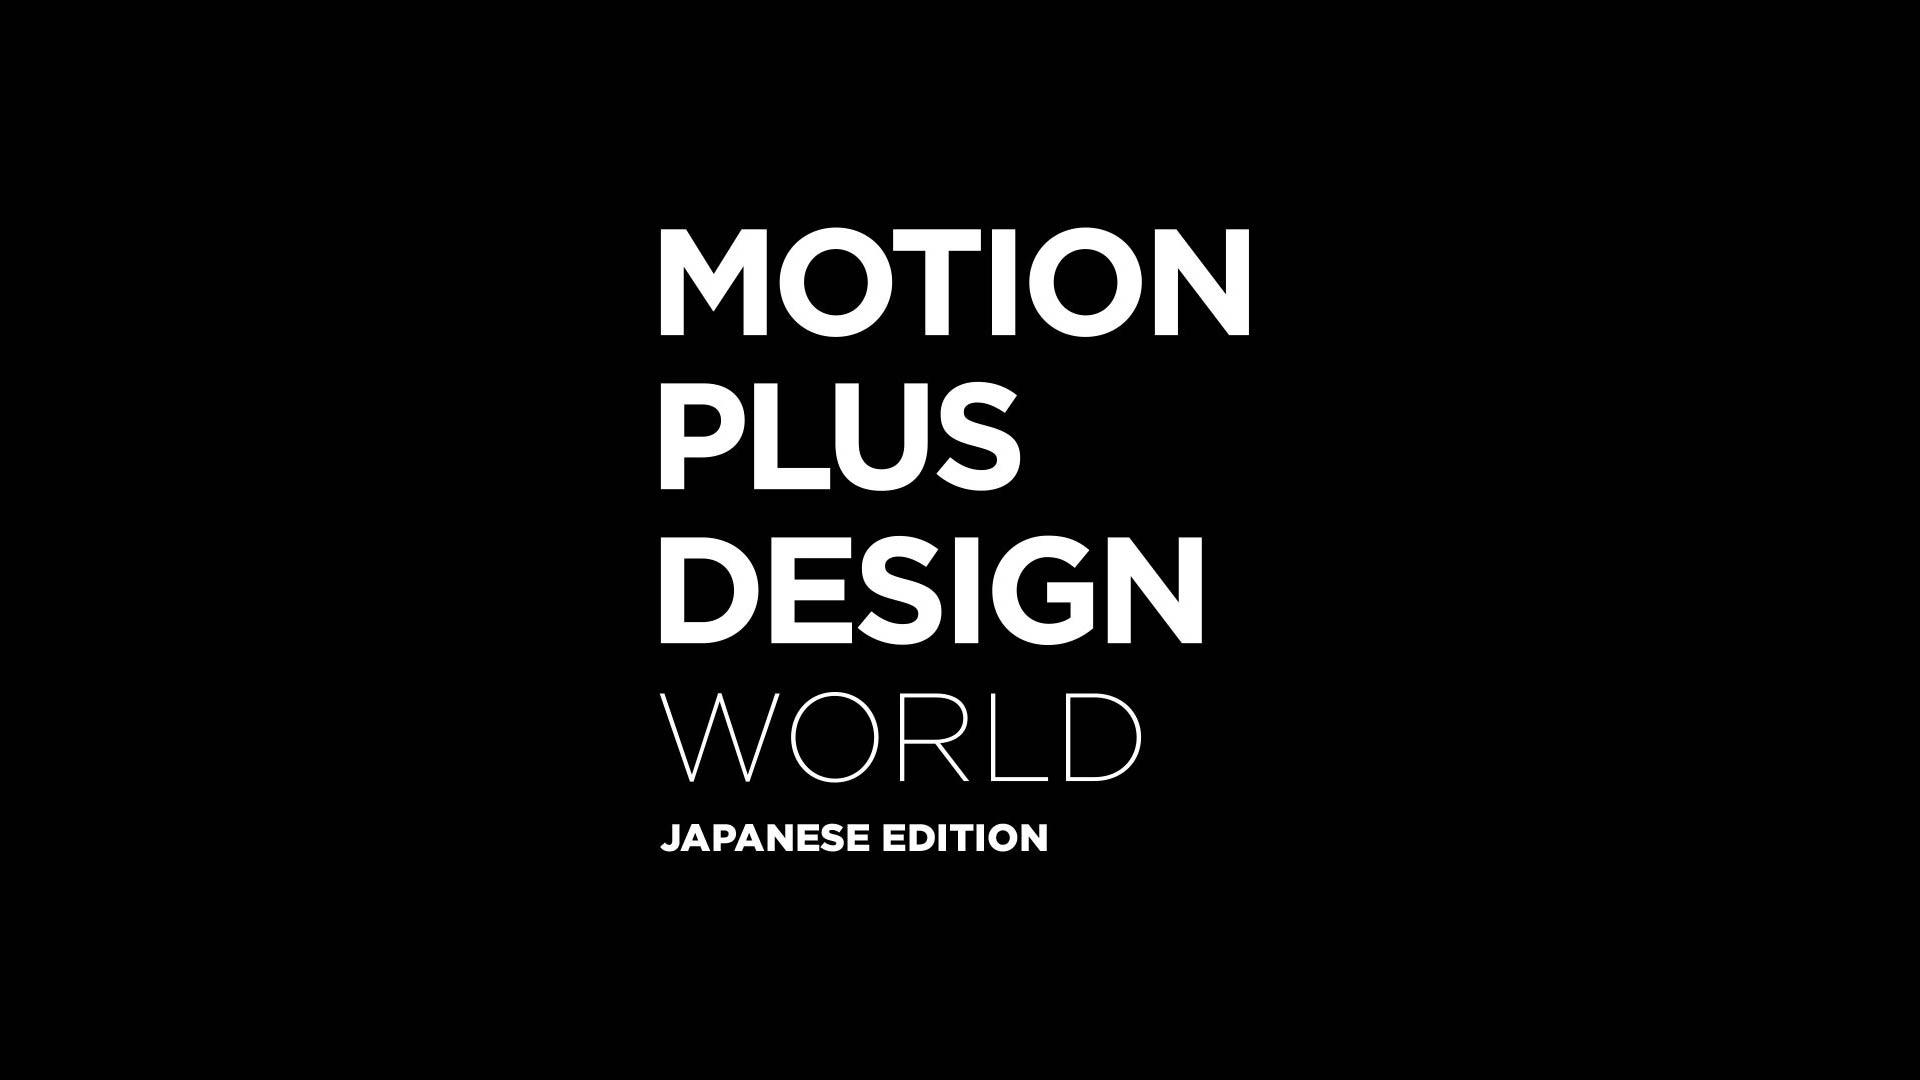 12月12日(土) 10時~ Motion Plus Design World | Japanese editionにP.I.C.S. management 稲葉秀樹の登壇が決定。